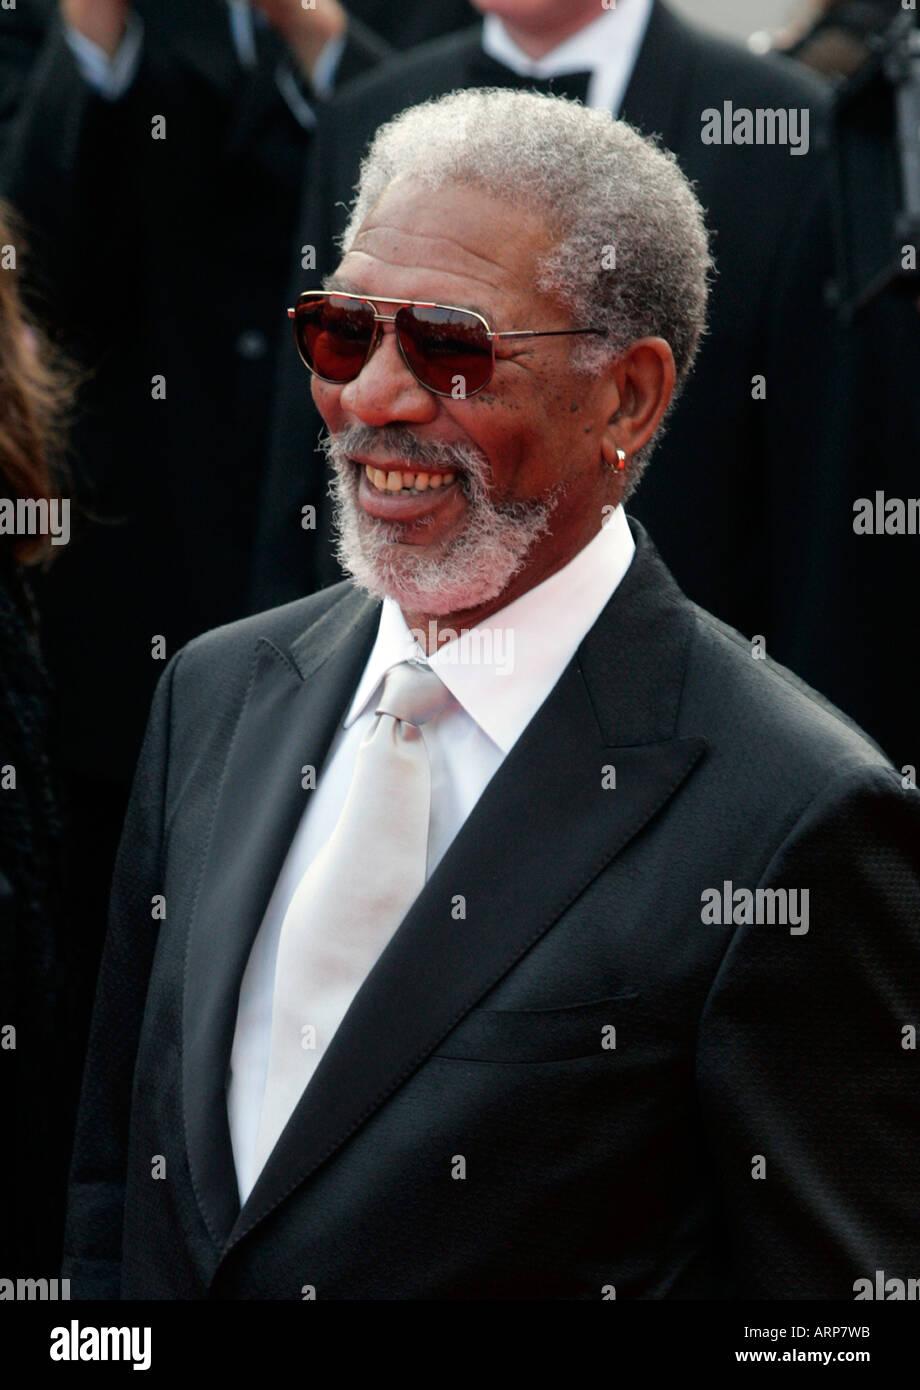 Morgan Freeman As Narrator Voice Stock Photos & Morgan